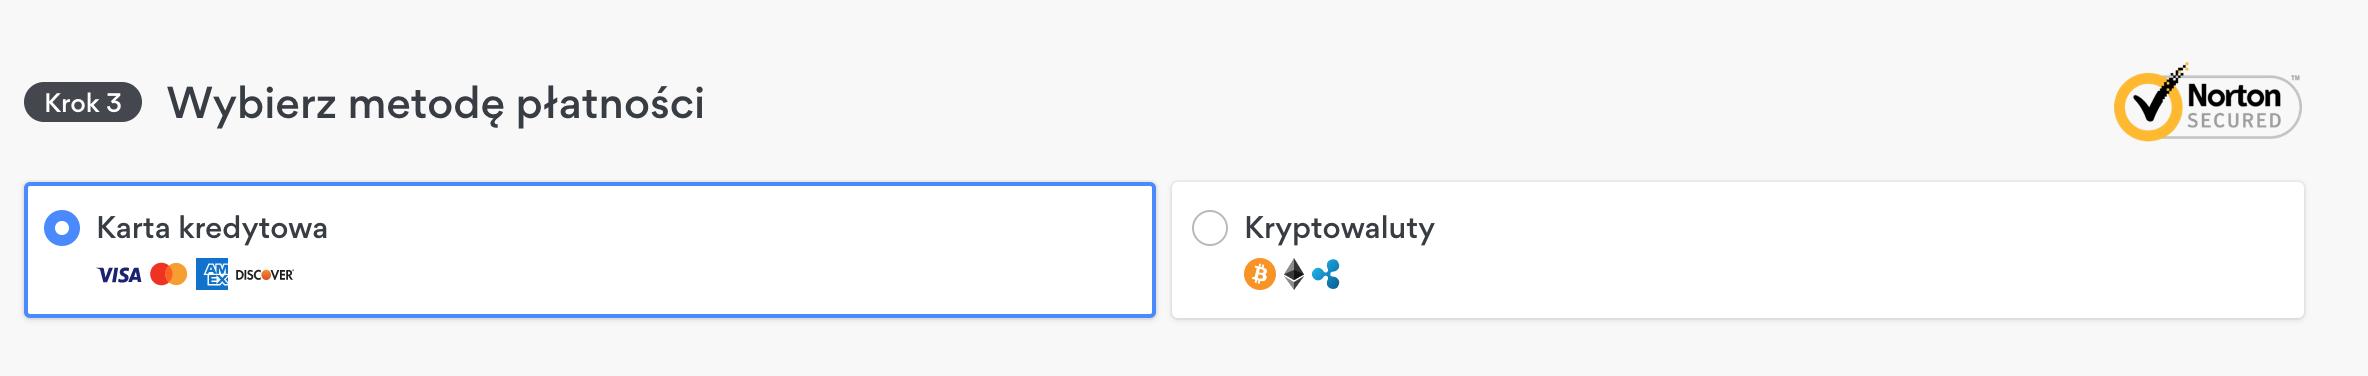 Zrzut ekranu z opcjami płatności dla ukrytych ofert NordVPN